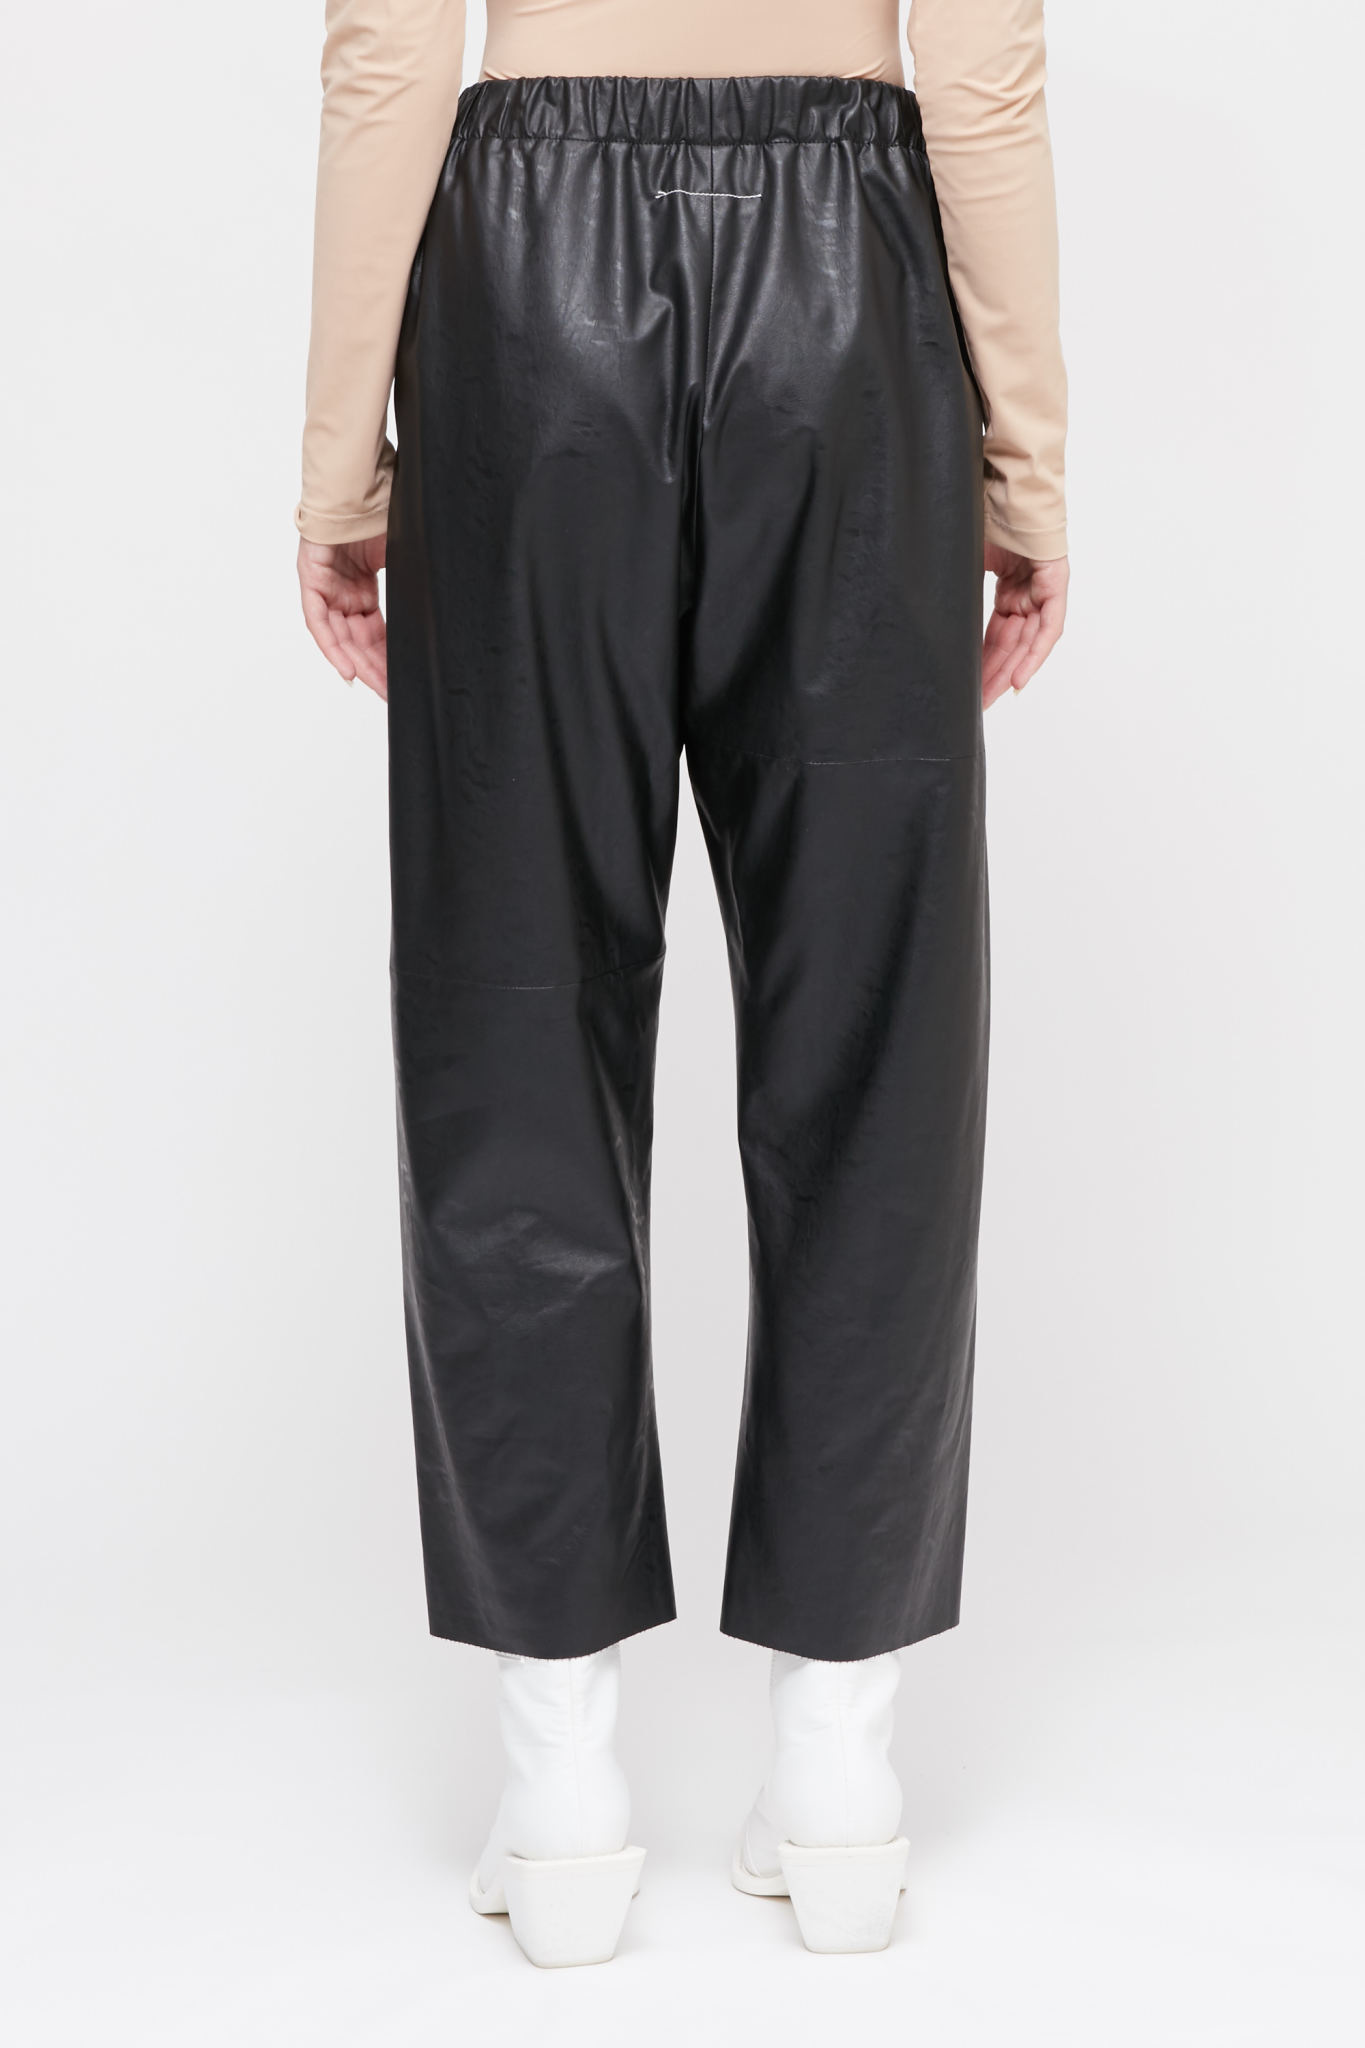 MM6 MAISON MARGIELA MM6 MAISON MARGIELA Vegan Leather Cropped Pants